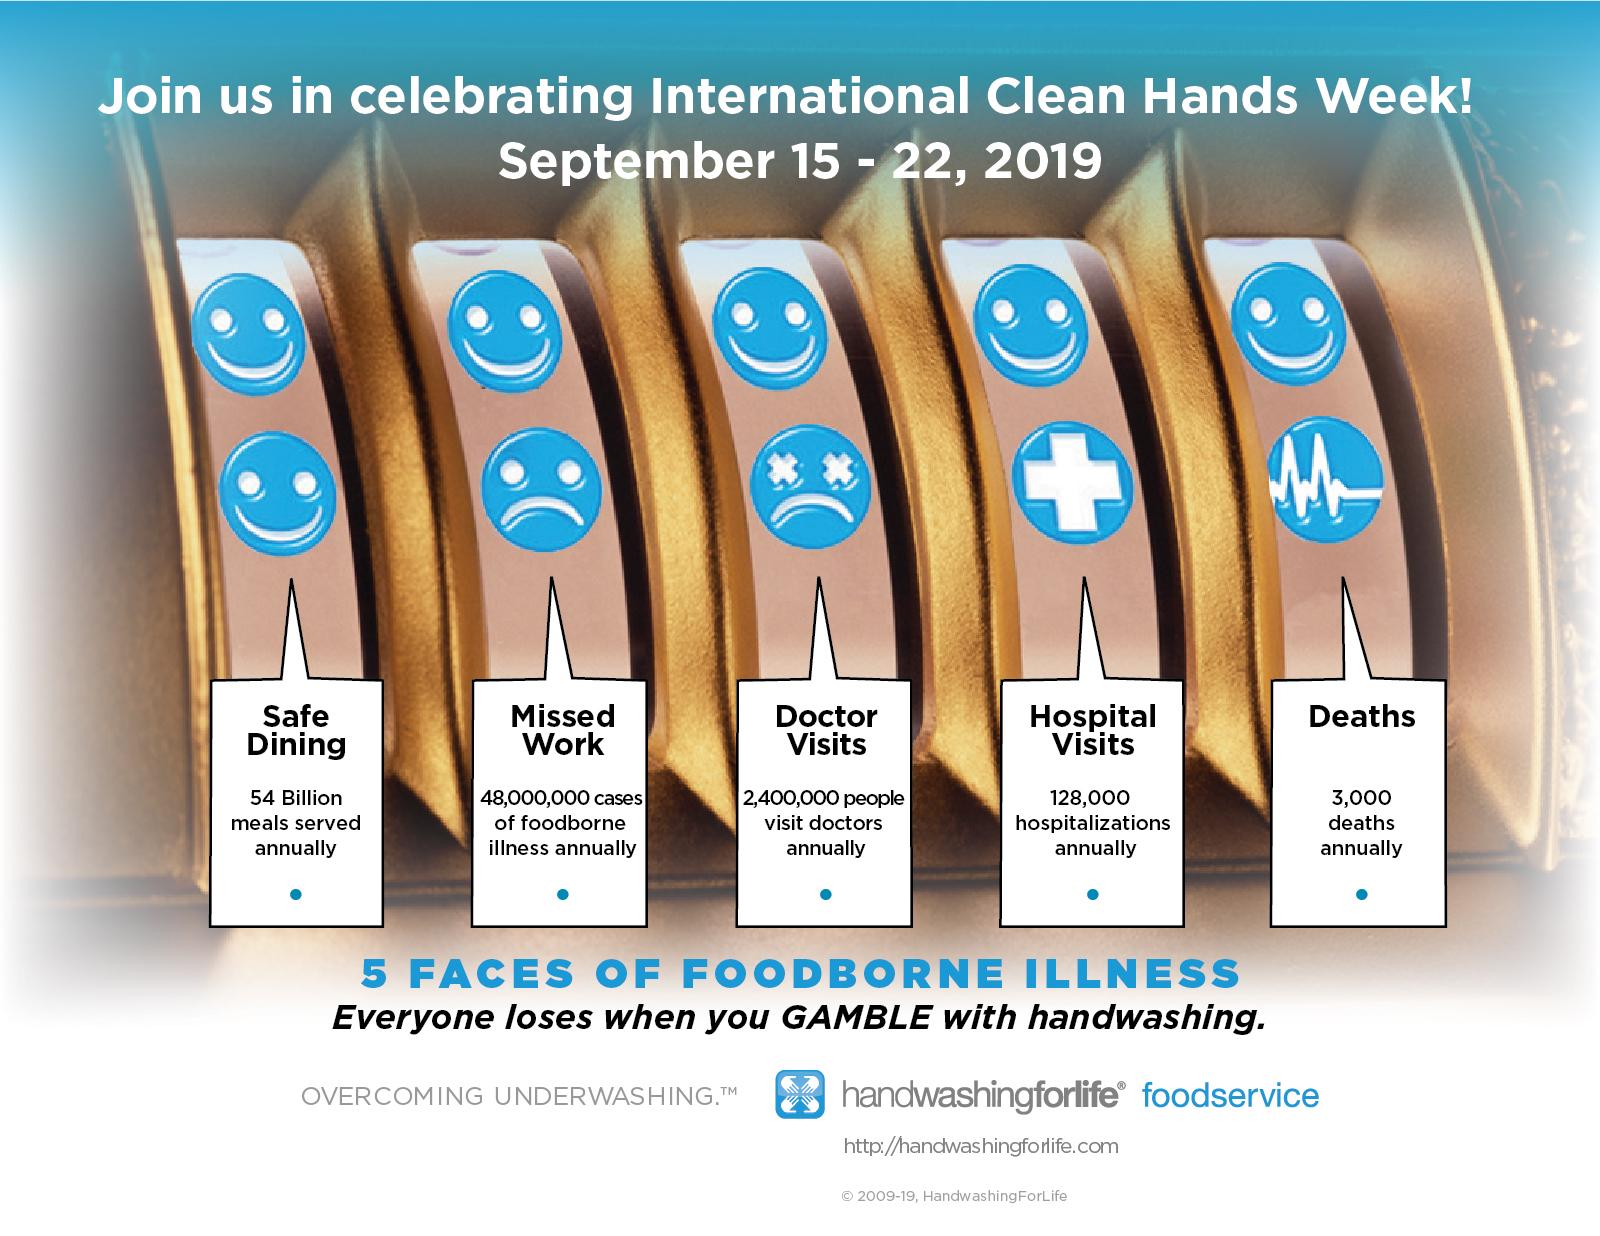 International Clean Hands Week